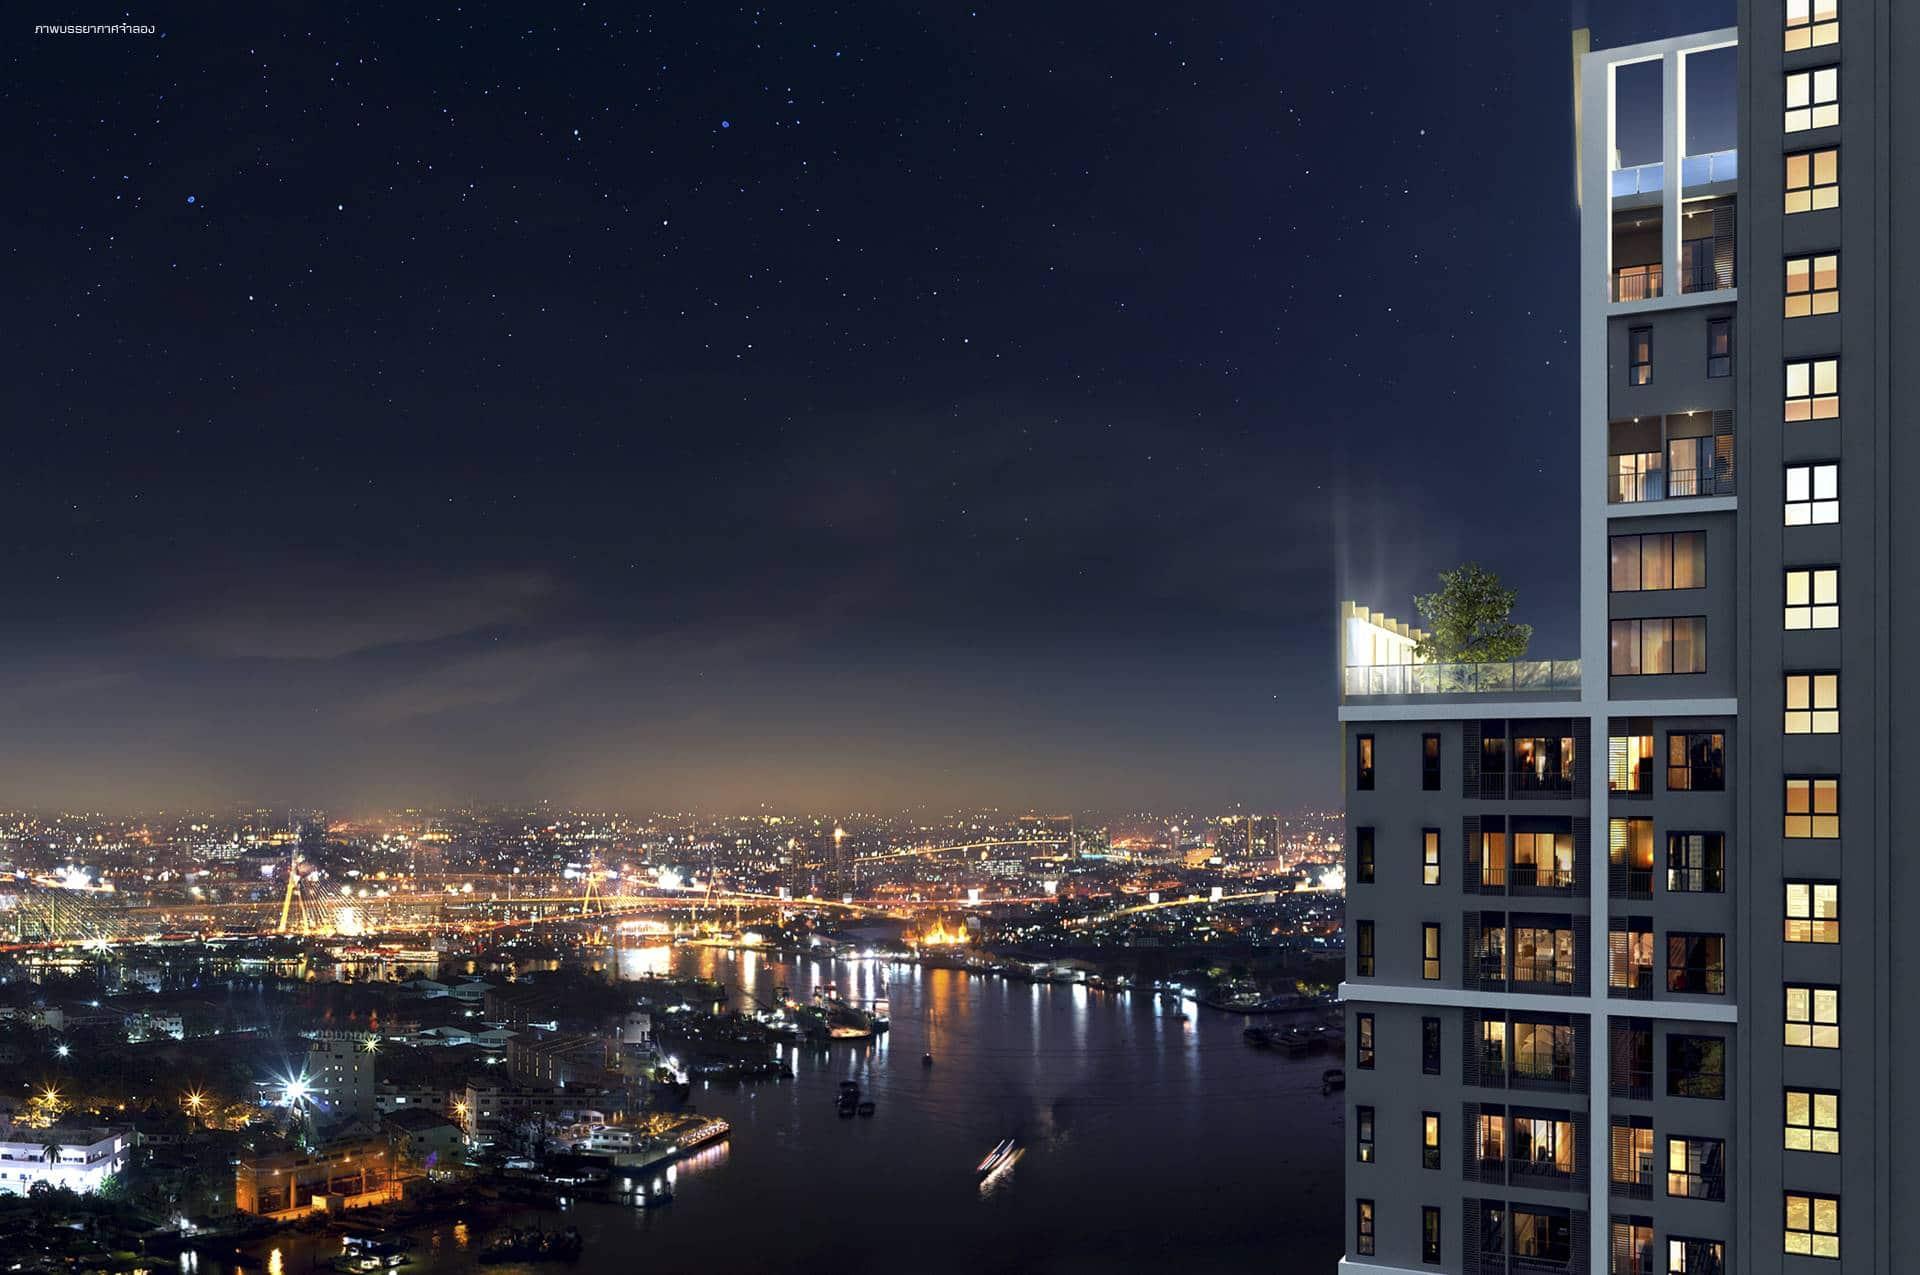 ่ความน่าสนใจโครงการ Knightsbridge Sky River Ocean | Prop2Morrow บ้าน คอนโด ข่าวอสังหาฯ